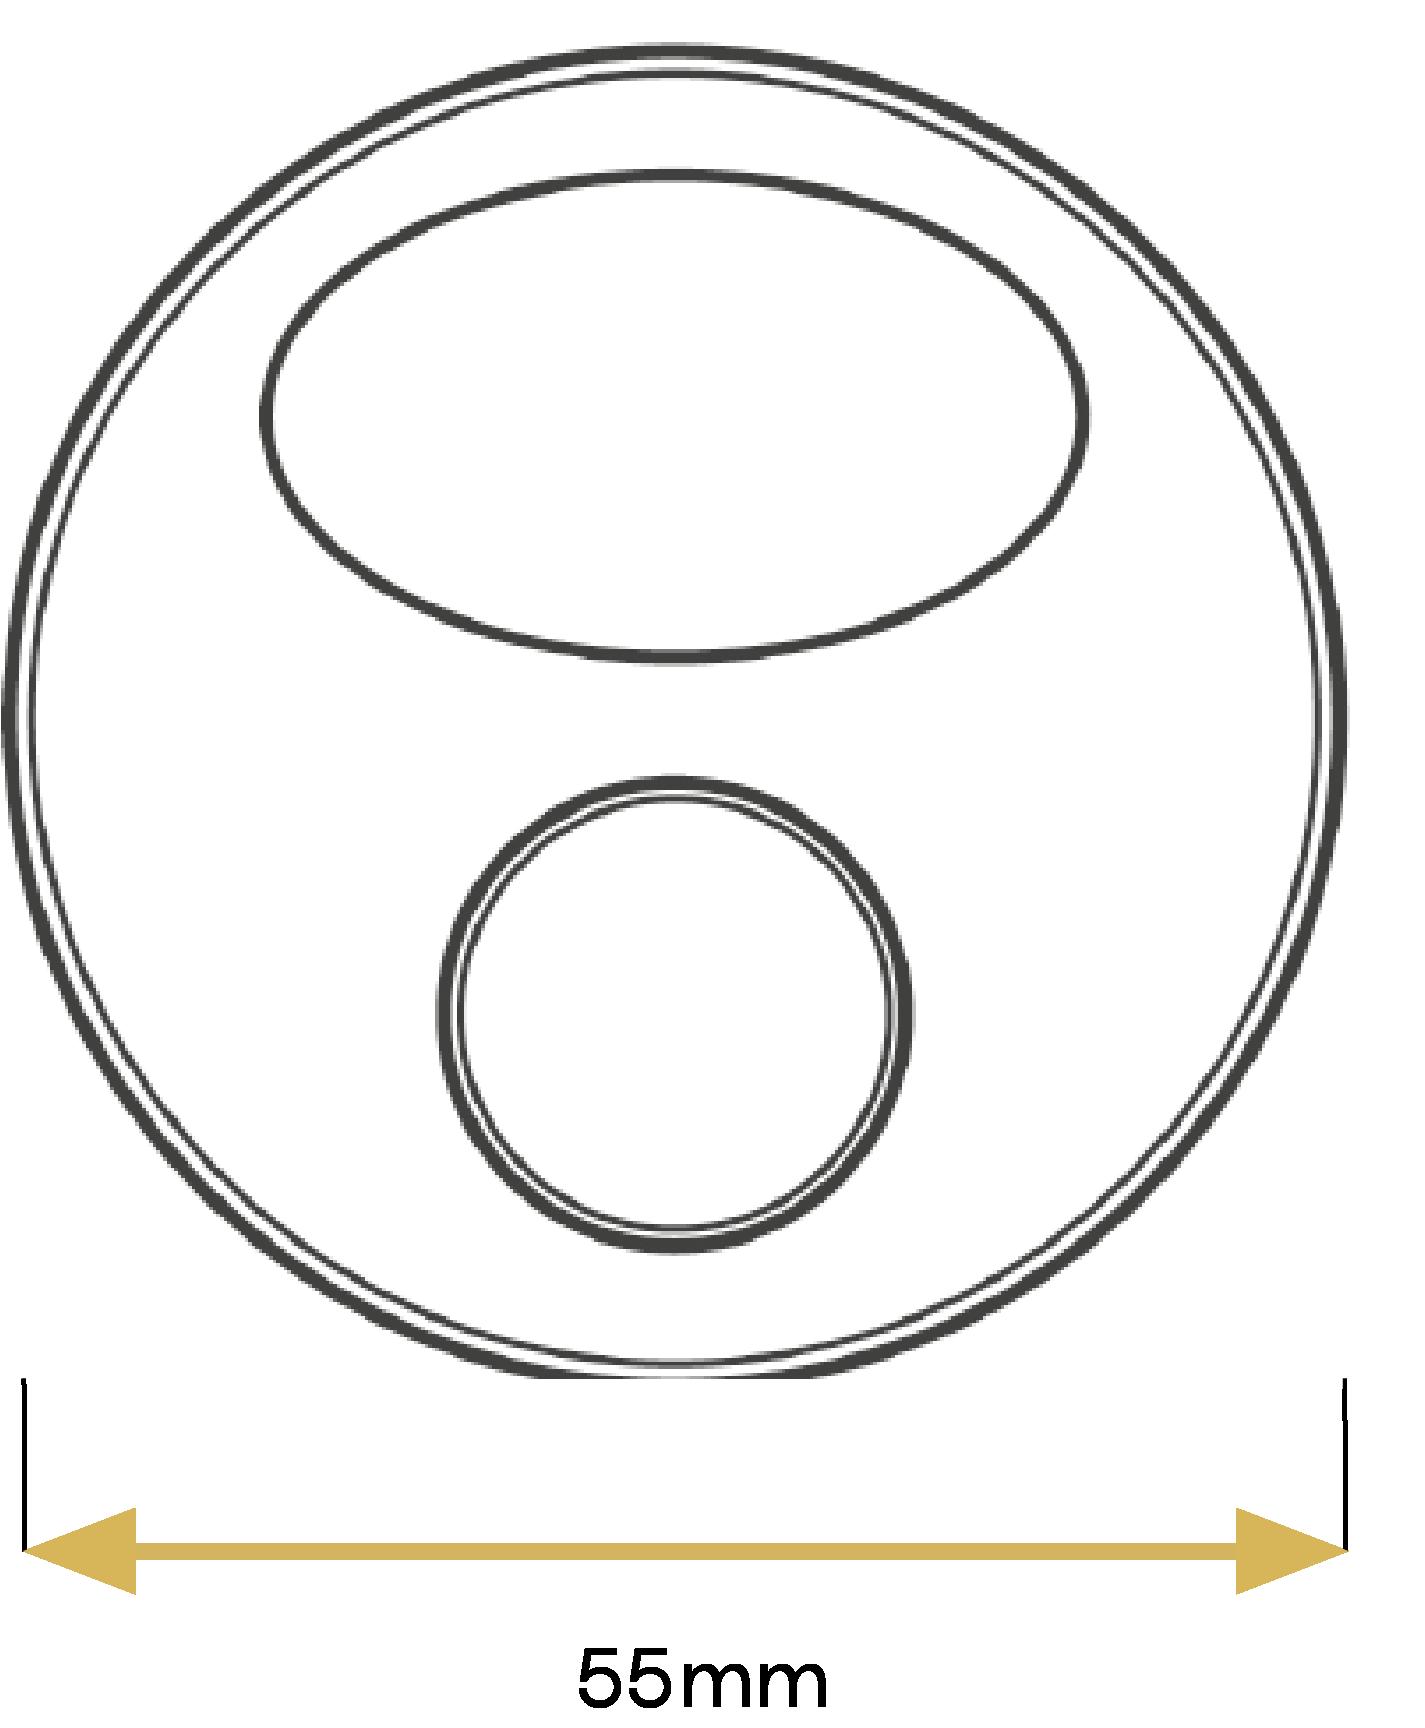 Bora_Dimensioned.png